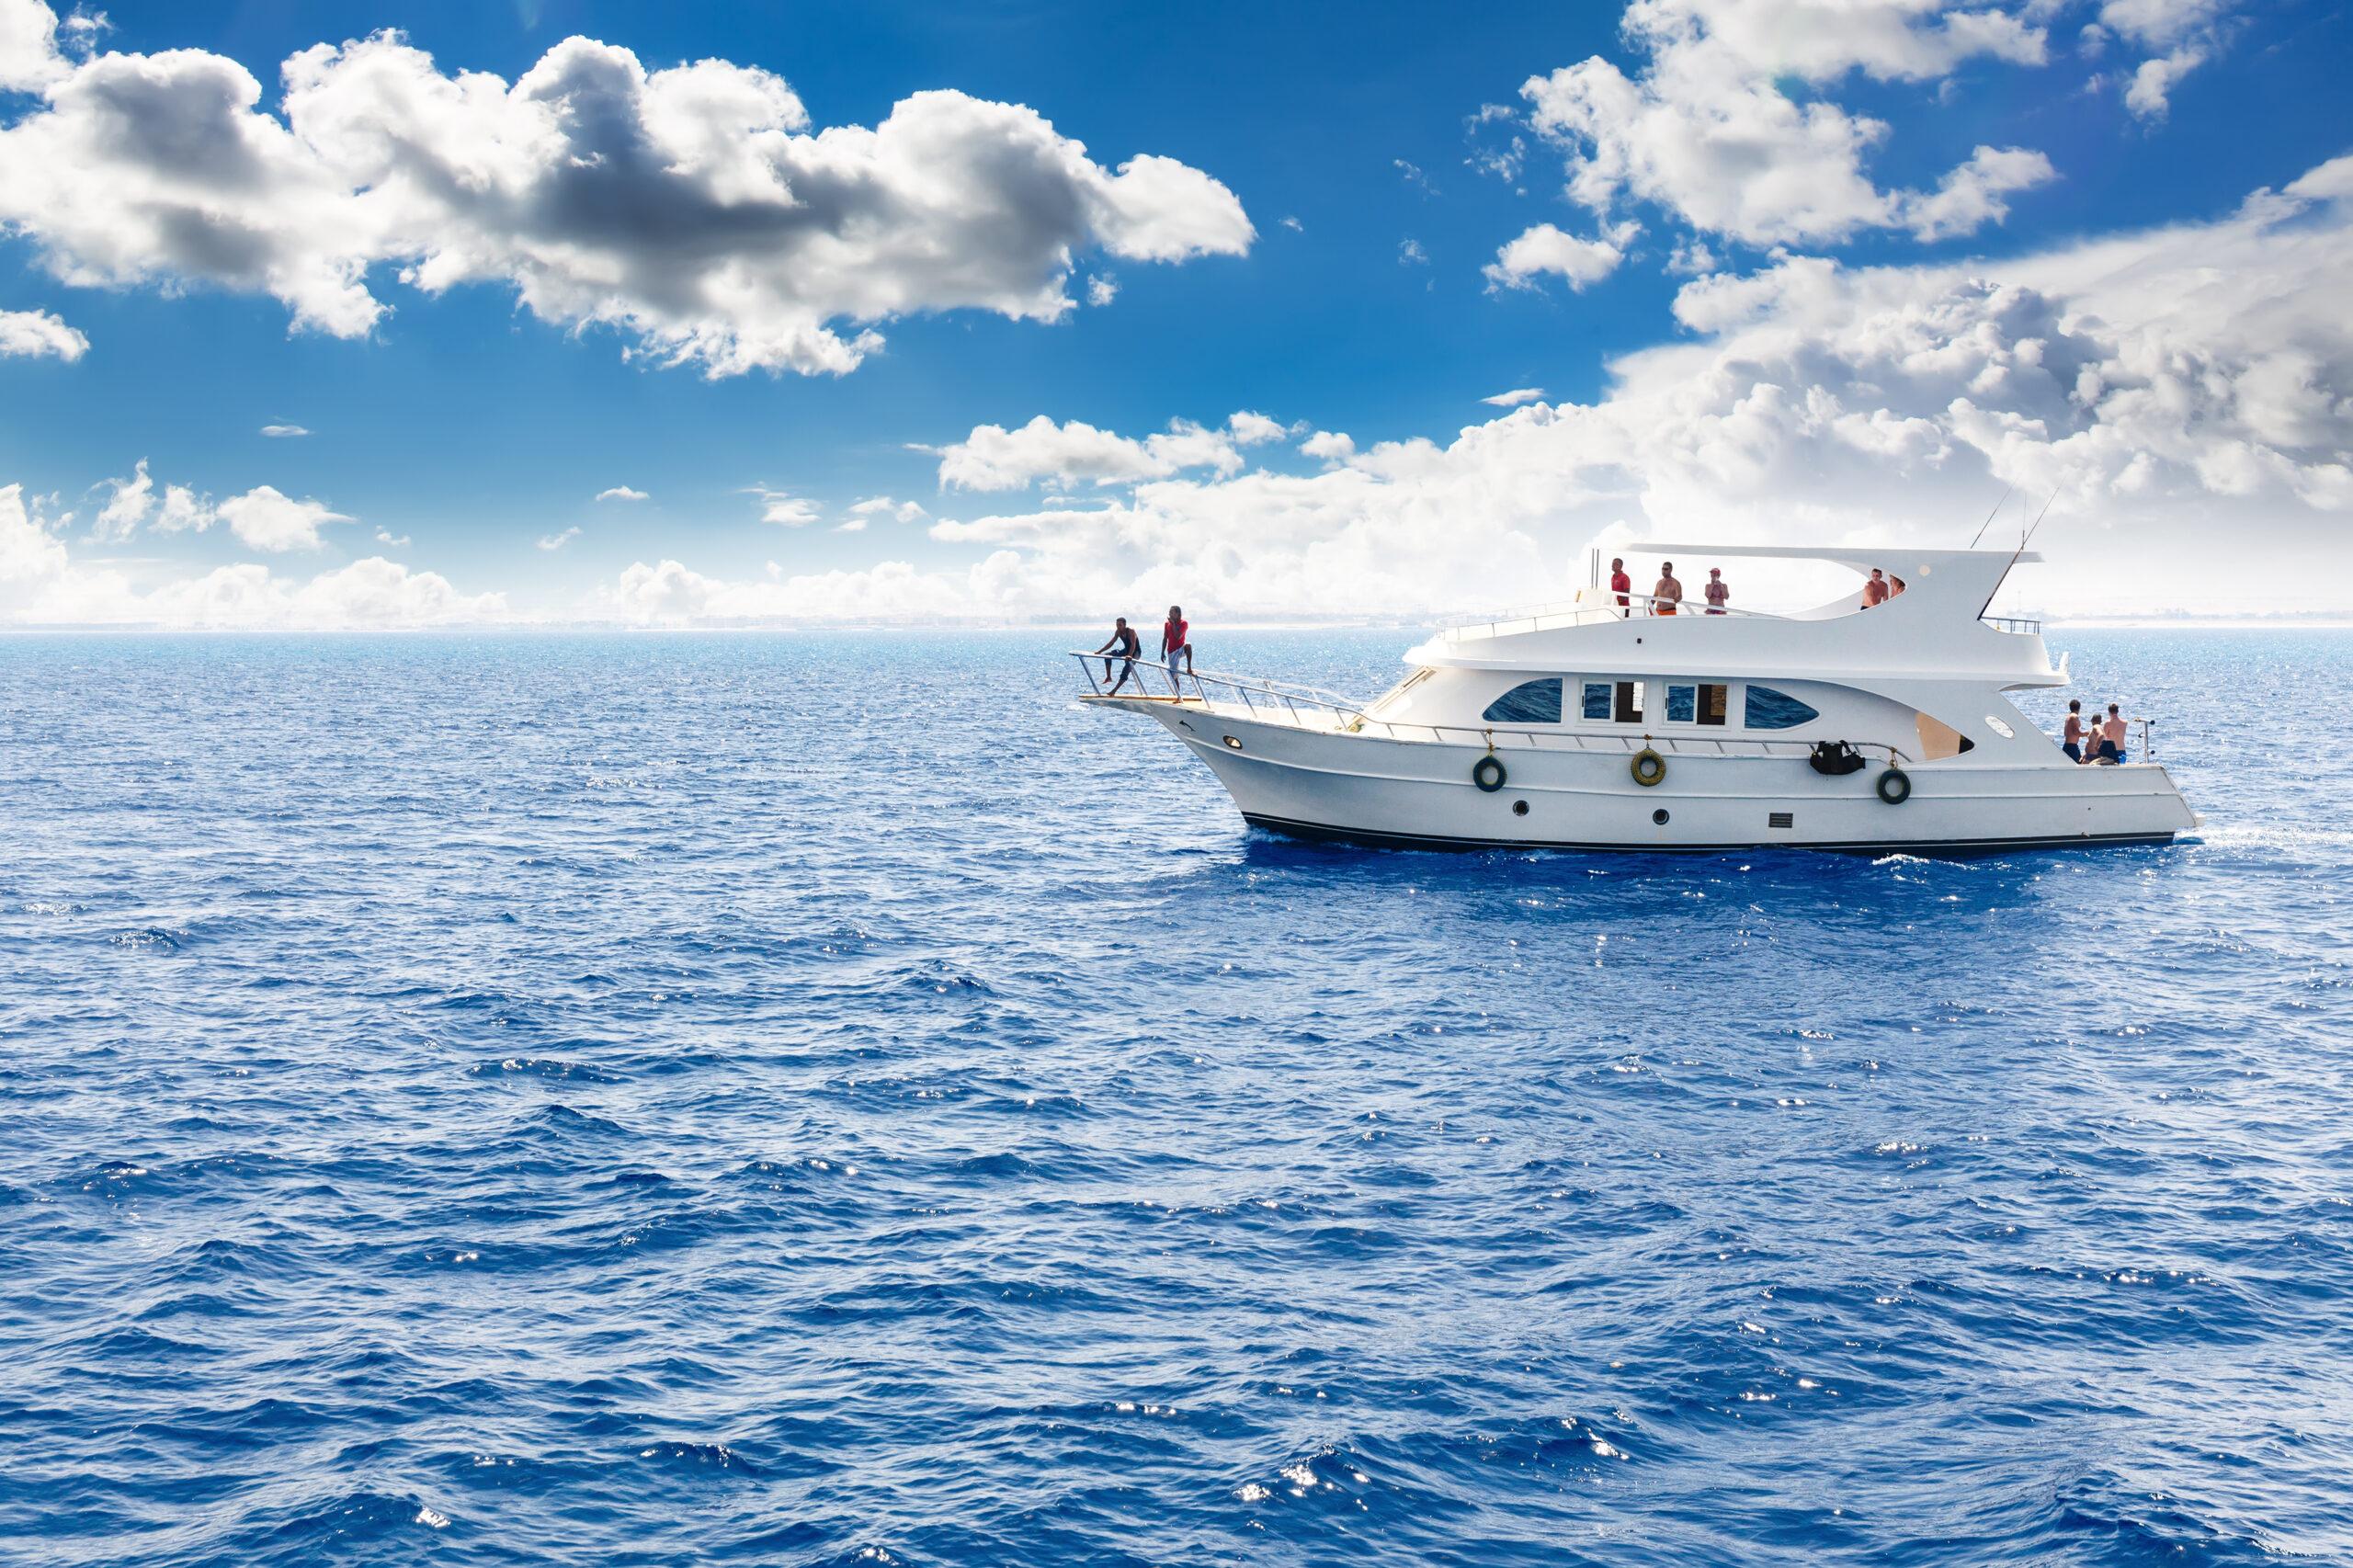 Cobertura de seguros para empresas náuticas:S.O.V: Seguro obligatorio de viajeros